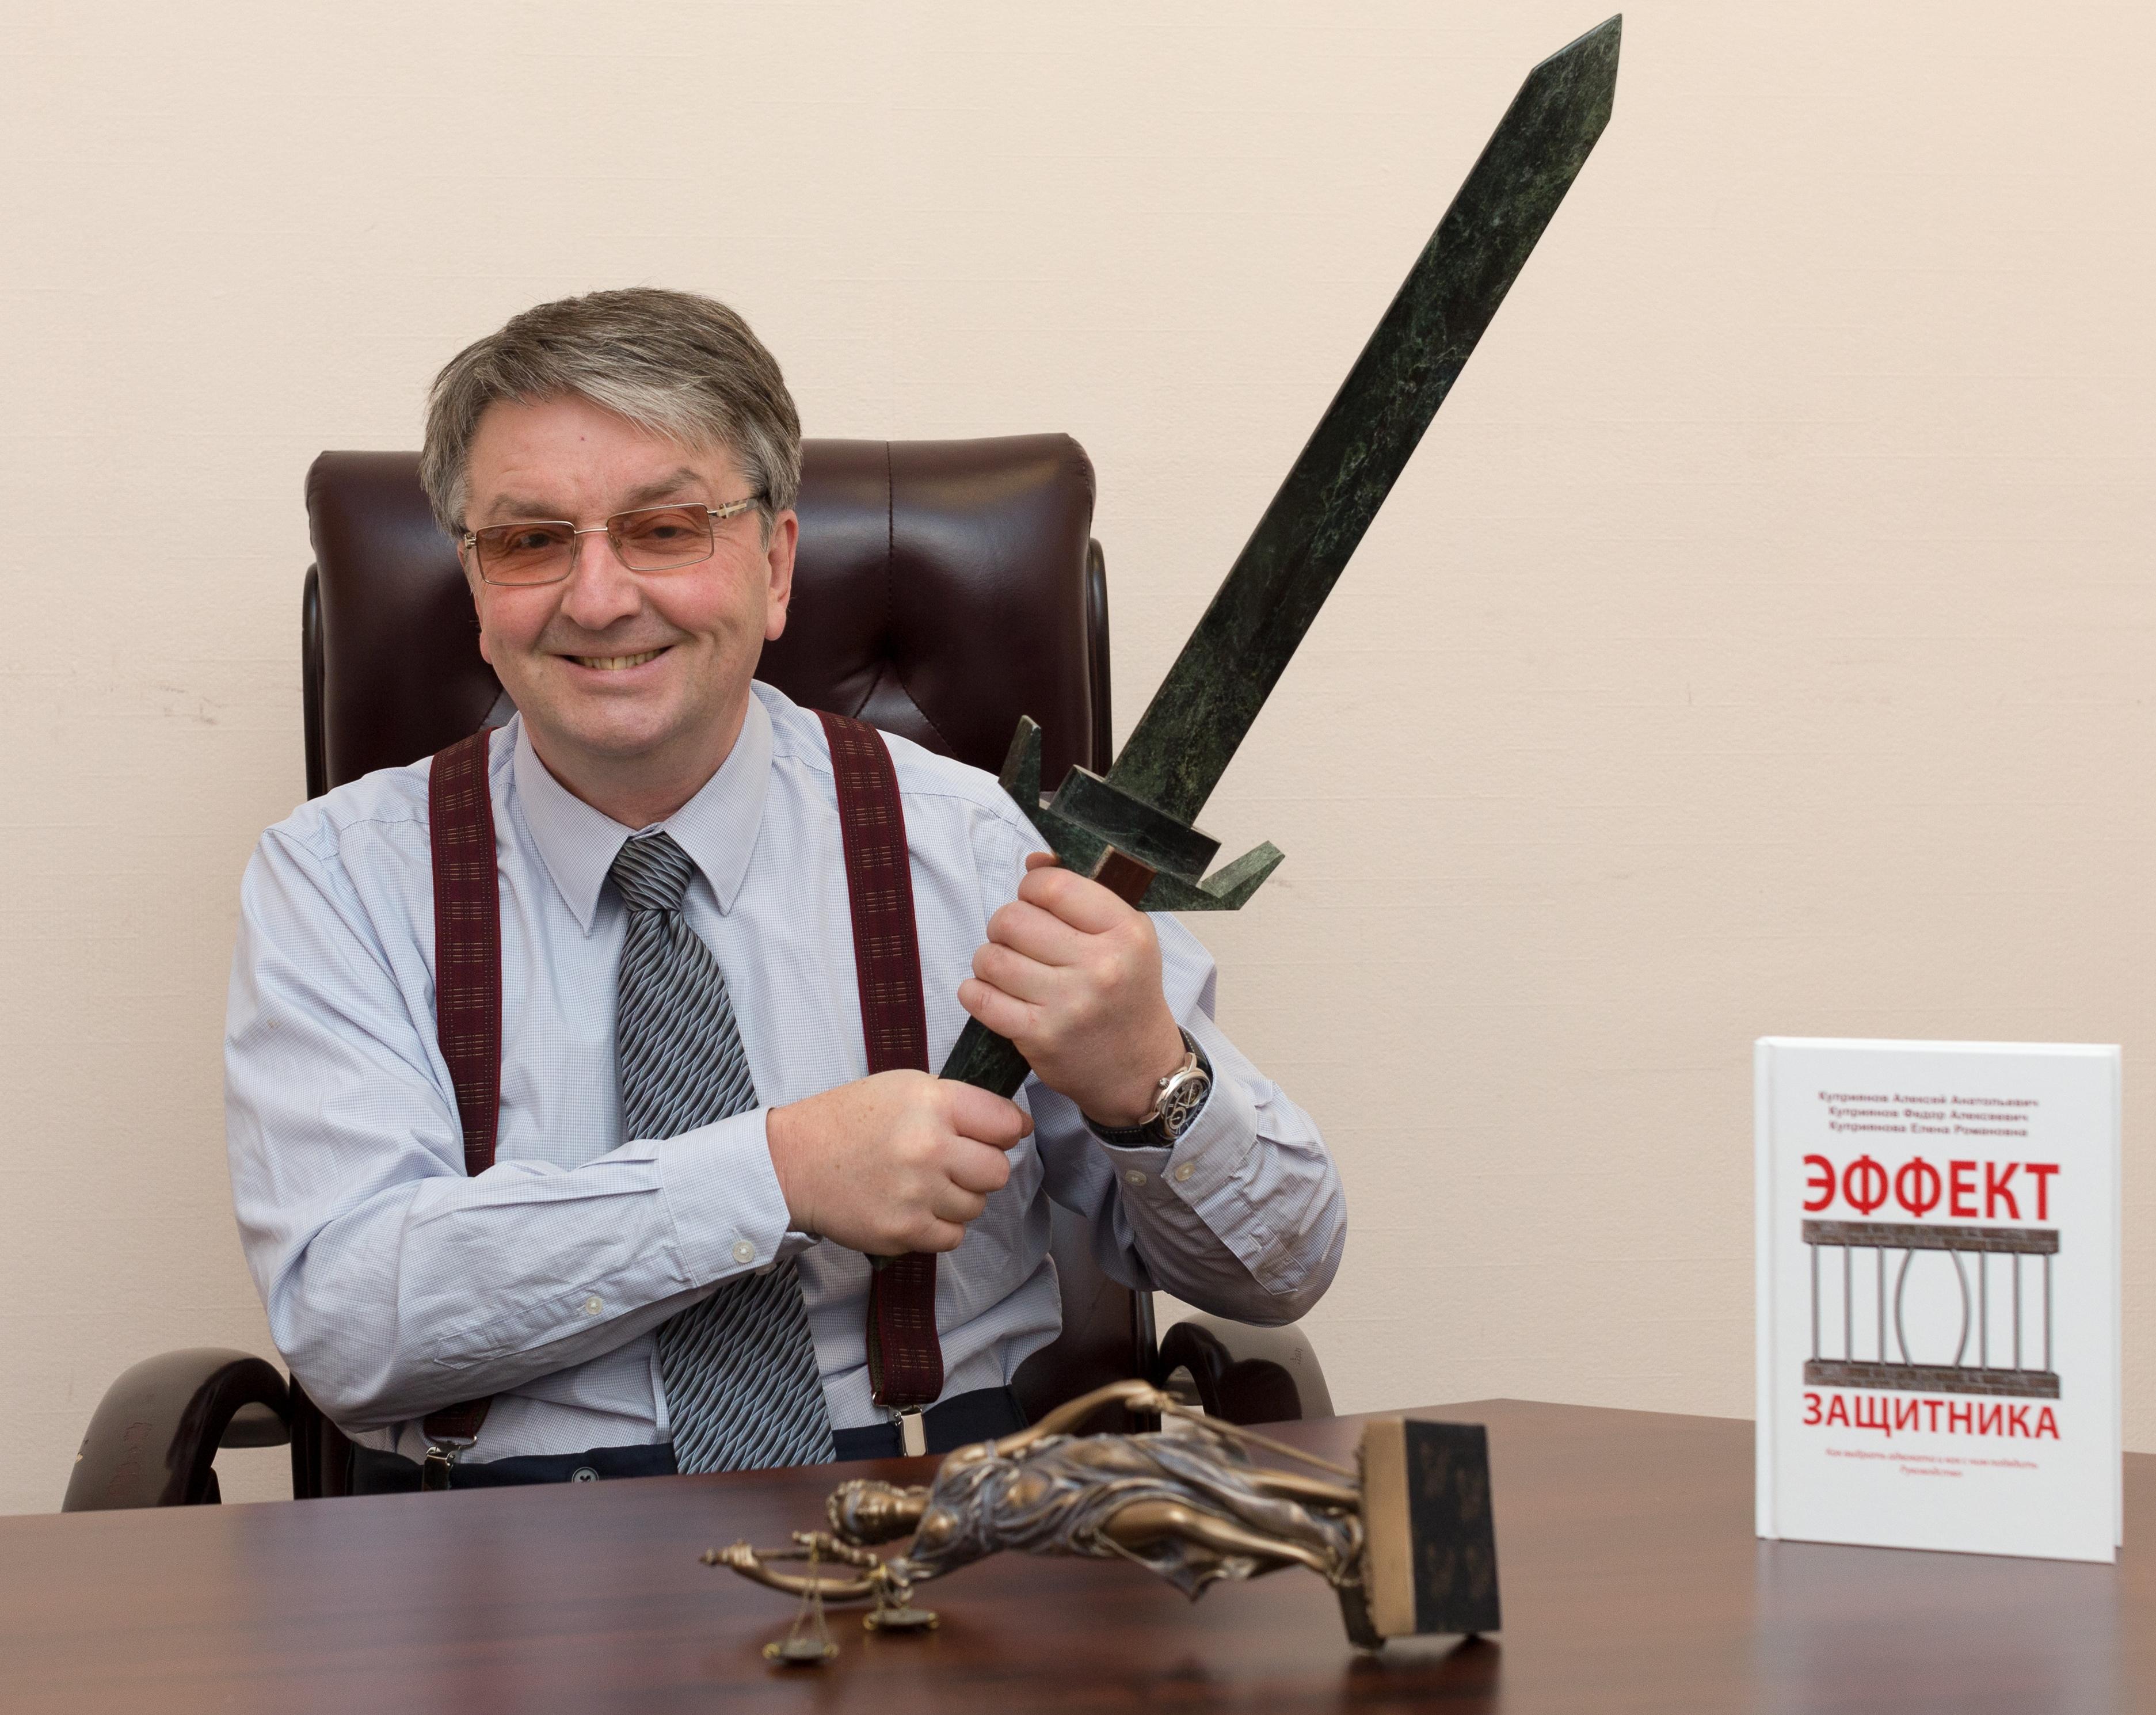 Я отобрал у Фемиды ее меч и покрошу ее для салата, если она обидит моего клиента!